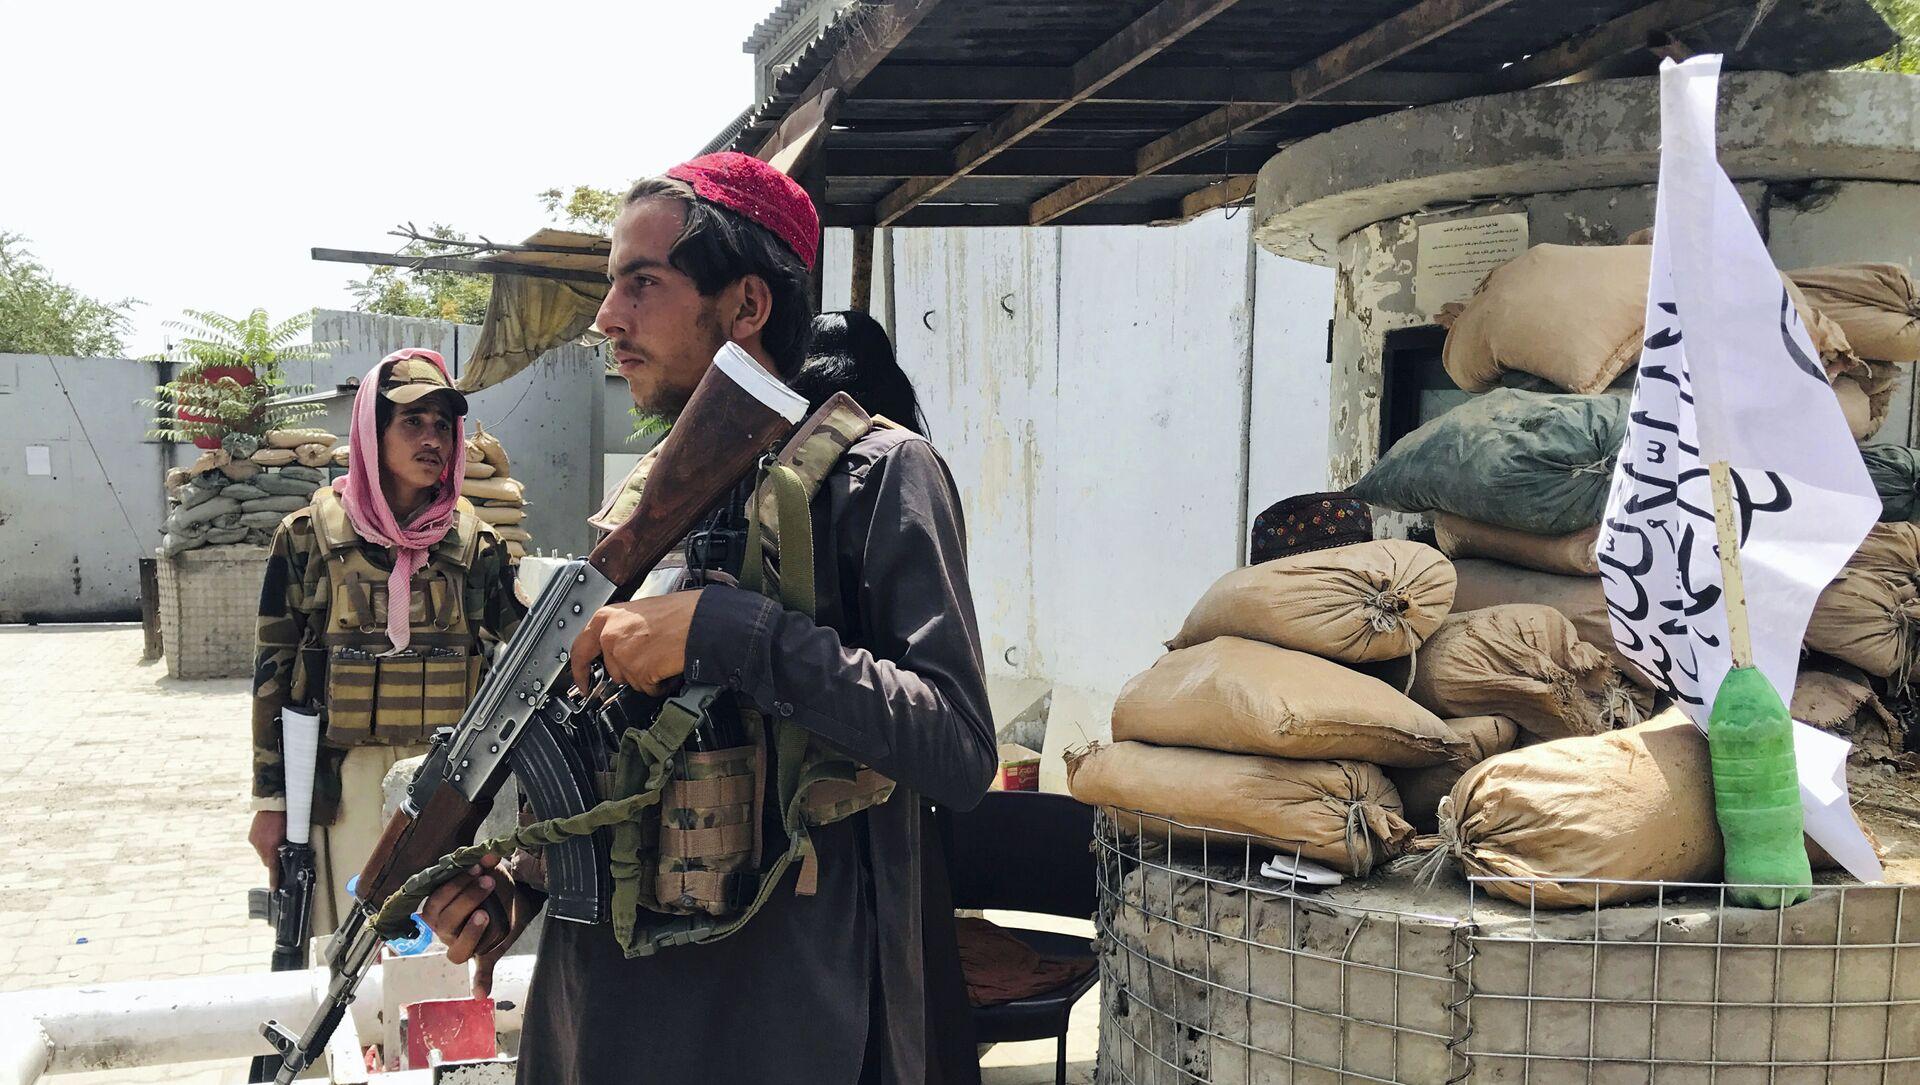 Боевики движения Талибан (террористическая группировка, запрещеннфая в РФ) в Кабуле, 17 авгутса 2021 года  - Sputnik Азербайджан, 1920, 28.08.2021